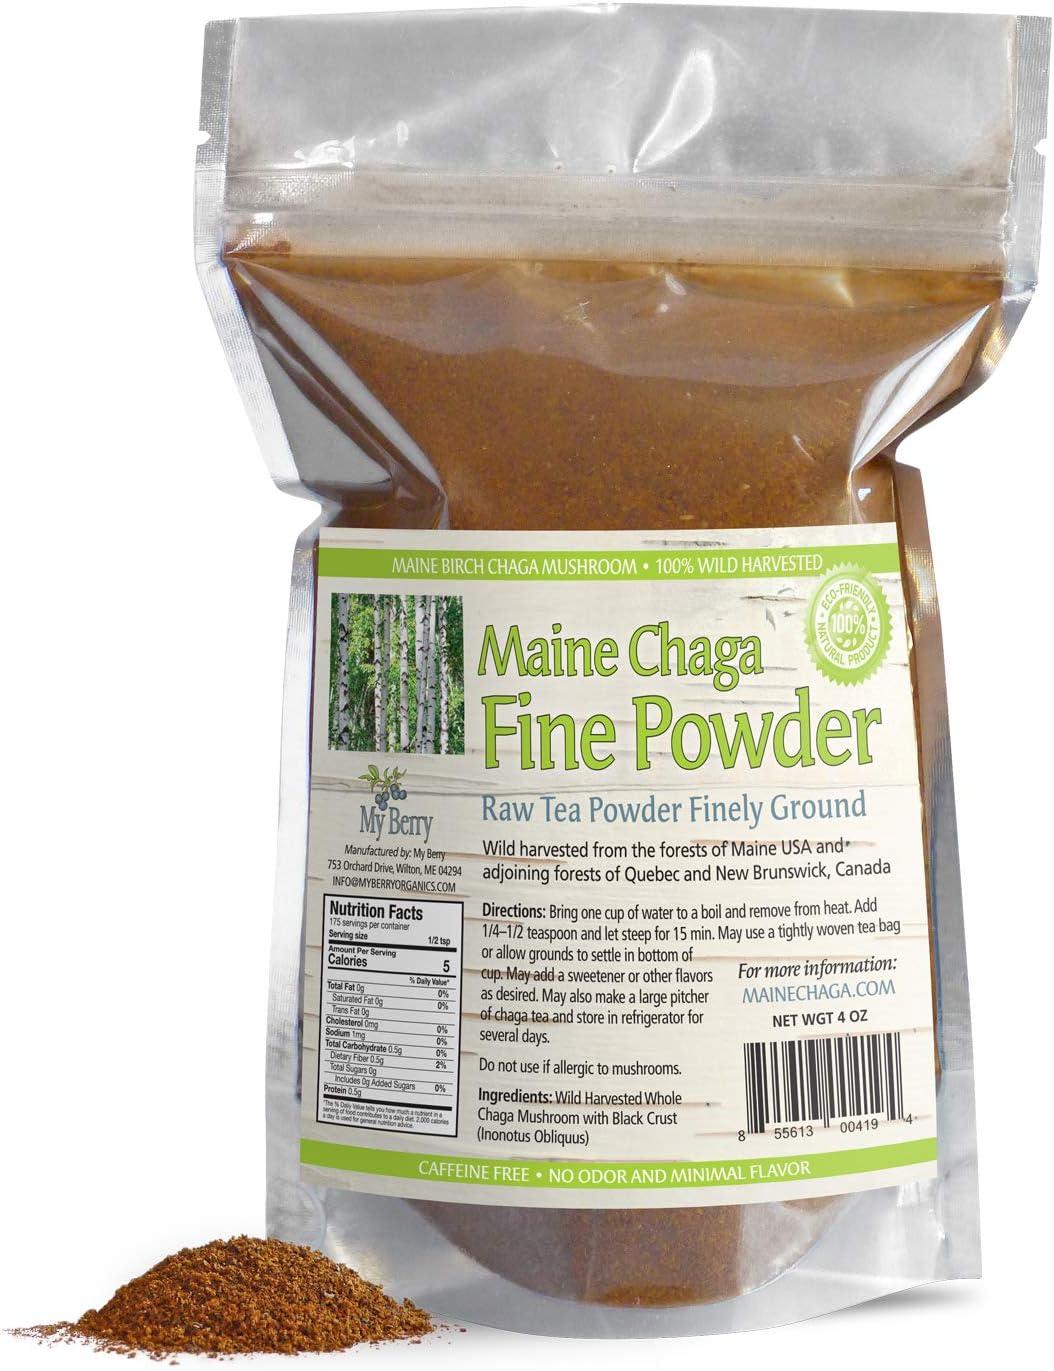 Maine Chaga té en polvo de hongos fino, sin pesticidas, silvestres cosechados, no procedentes de Rusia, 4 onzas, no es un extracto sino un chaga crudo entero, propiedad de mujeres, pequeñas empresas